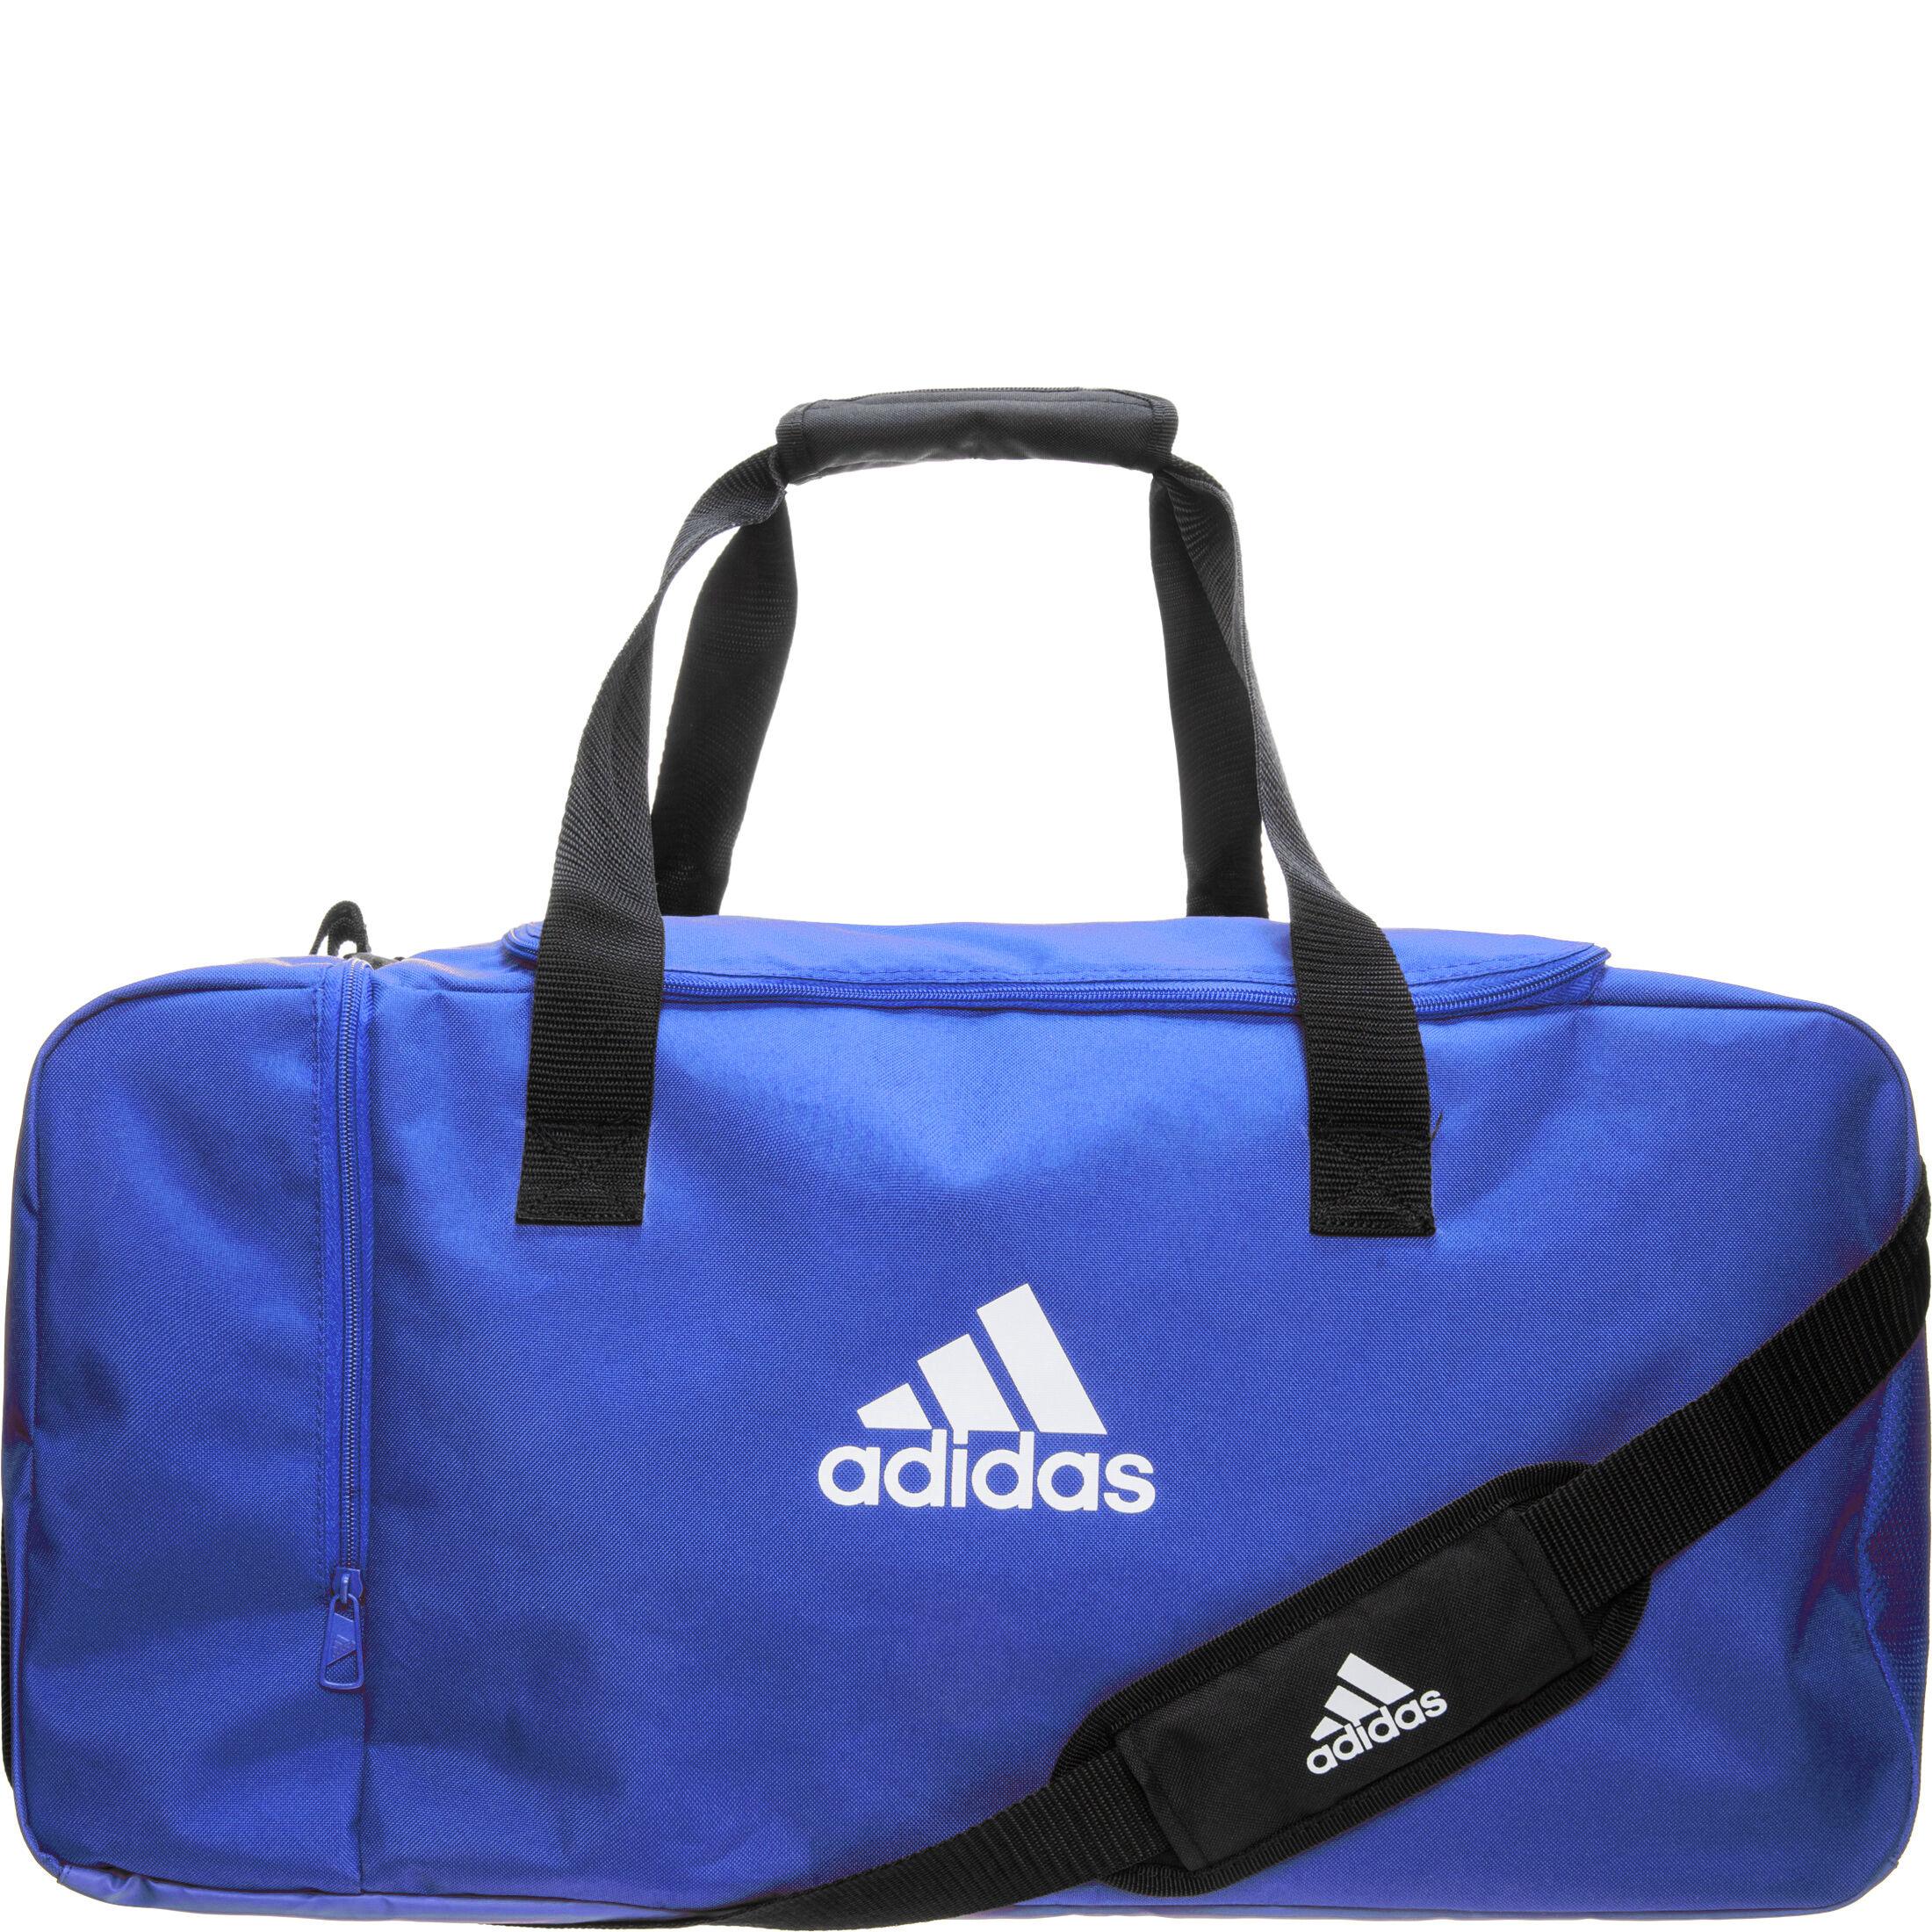 6c003b98167e4 adidas Performance Tiro Duffel Medium Fußballtasche NEU Sporttaschen    Rucksäcke